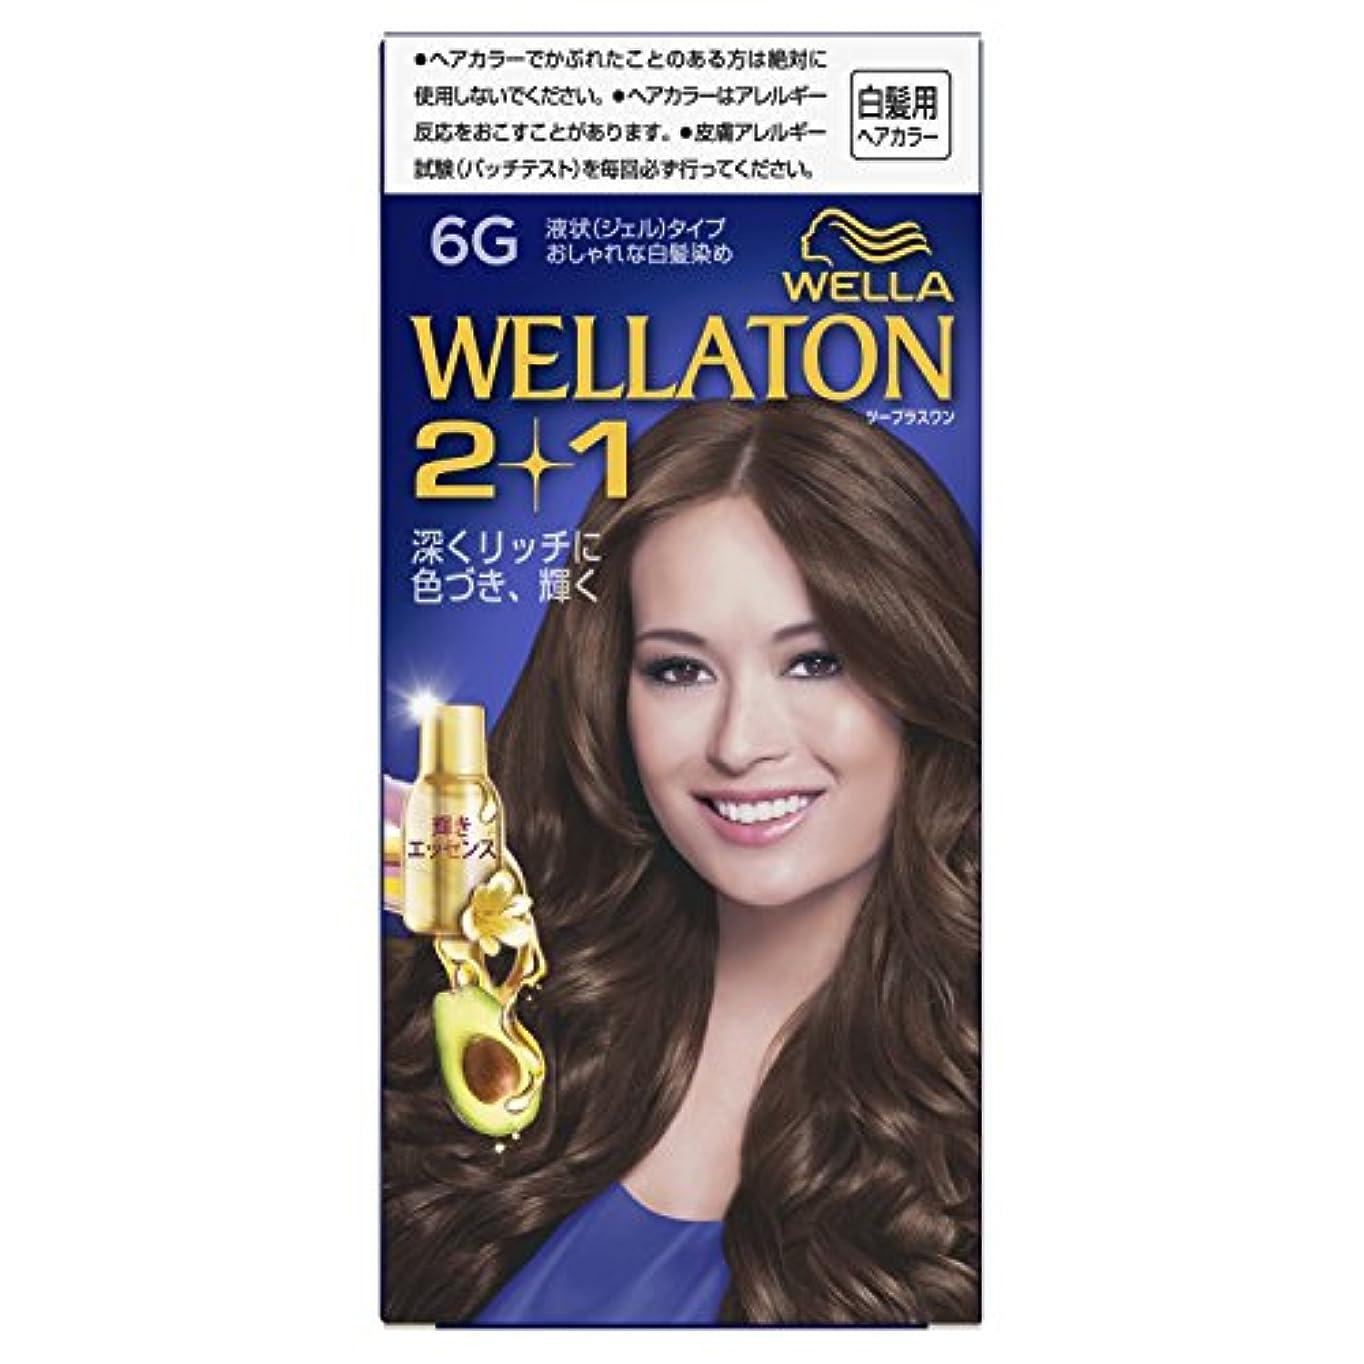 遊具毎年変装したウエラトーン2+1 液状タイプ 6G [医薬部外品](おしゃれな白髪染め)